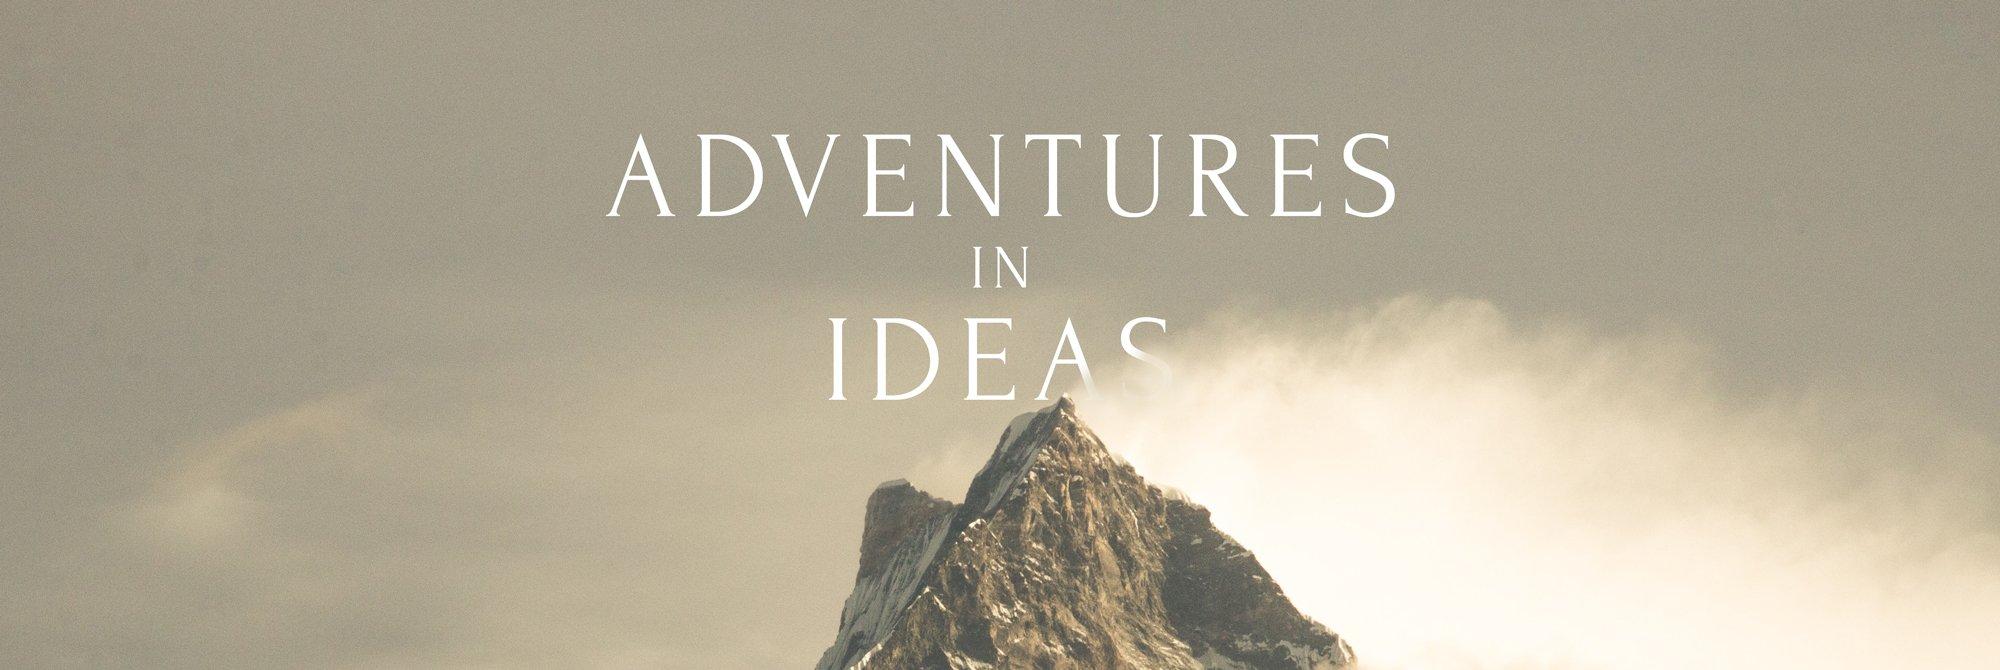 Adventures in Ideas